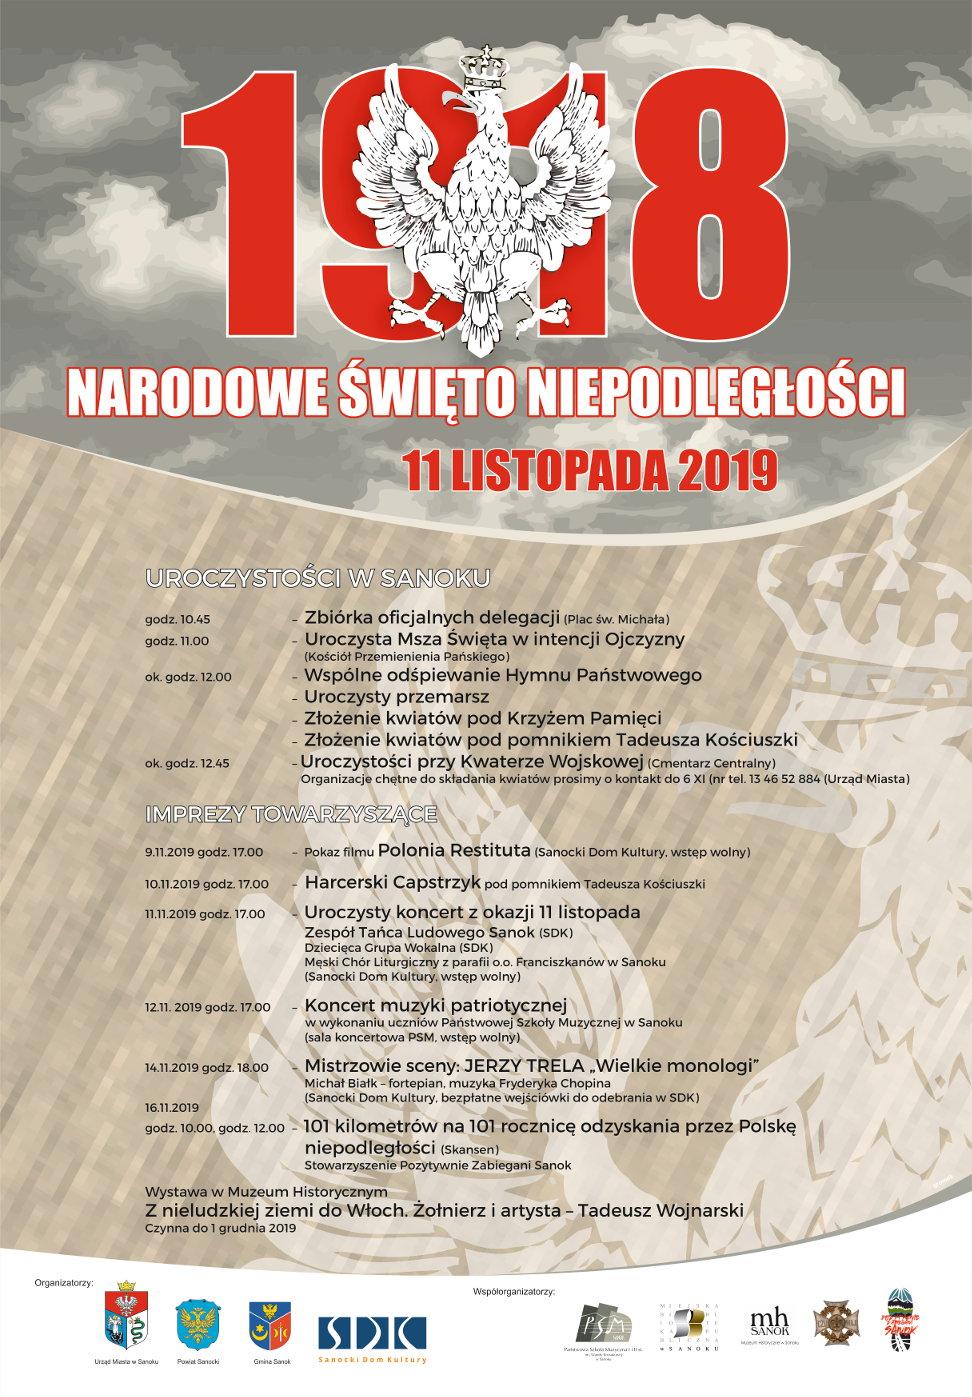 Narodowe święto niepodległości - 11 Listopad   2019 roku - plakat